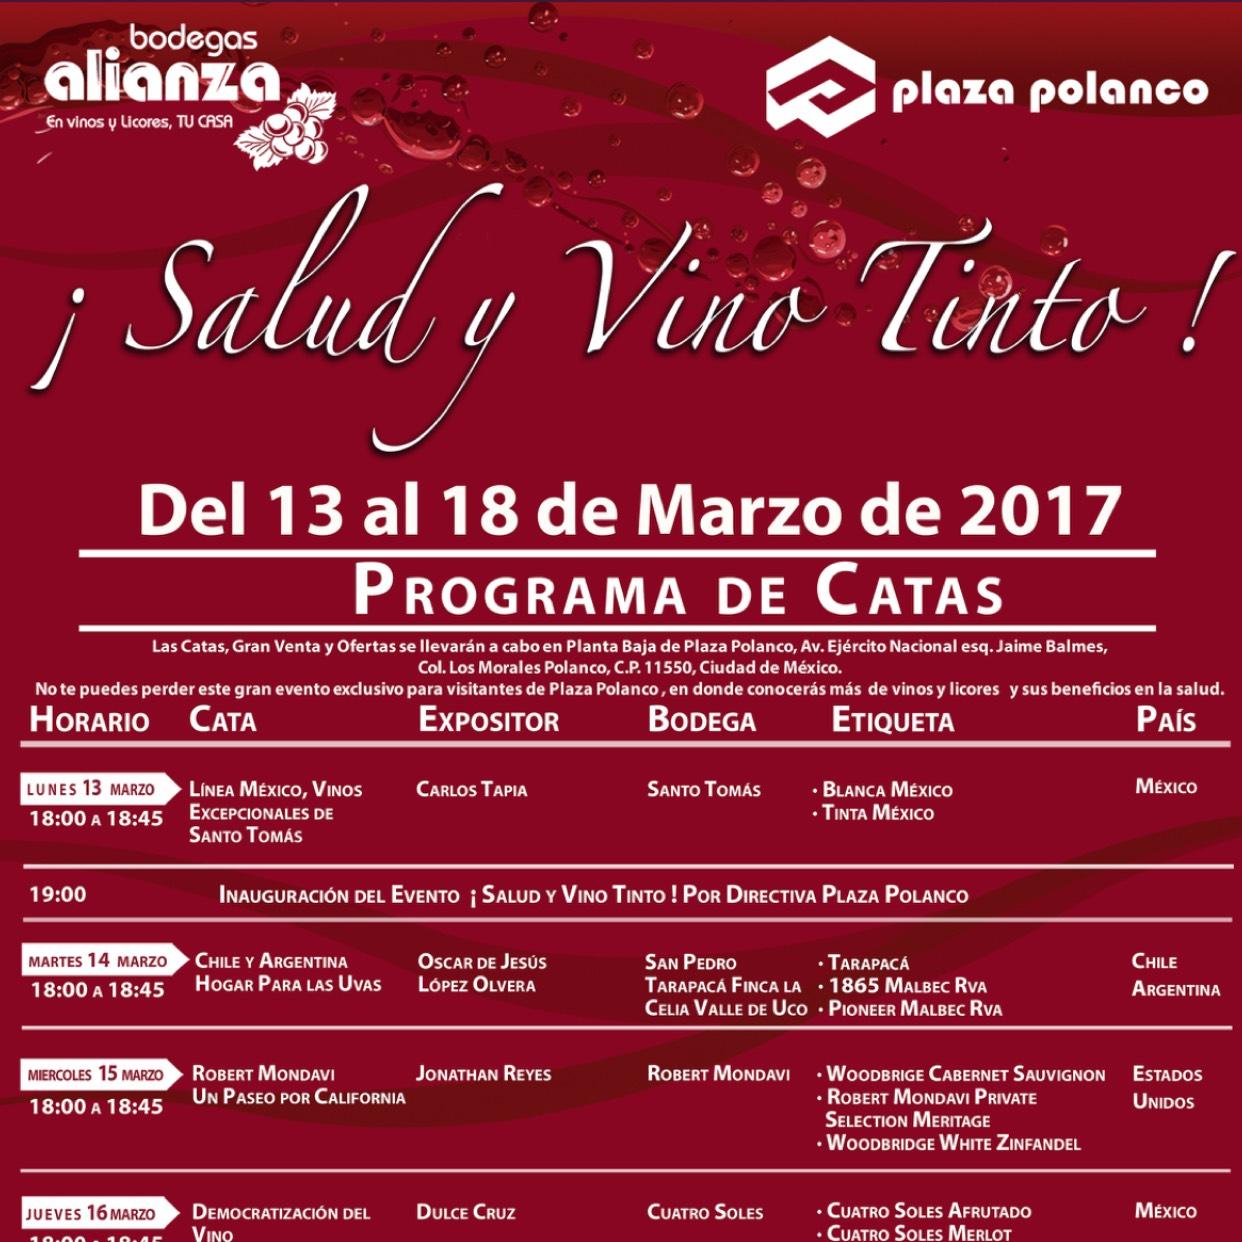 Bodegas Alianza: Cata de Vinos GRATIS del 13 al 18 de marzo